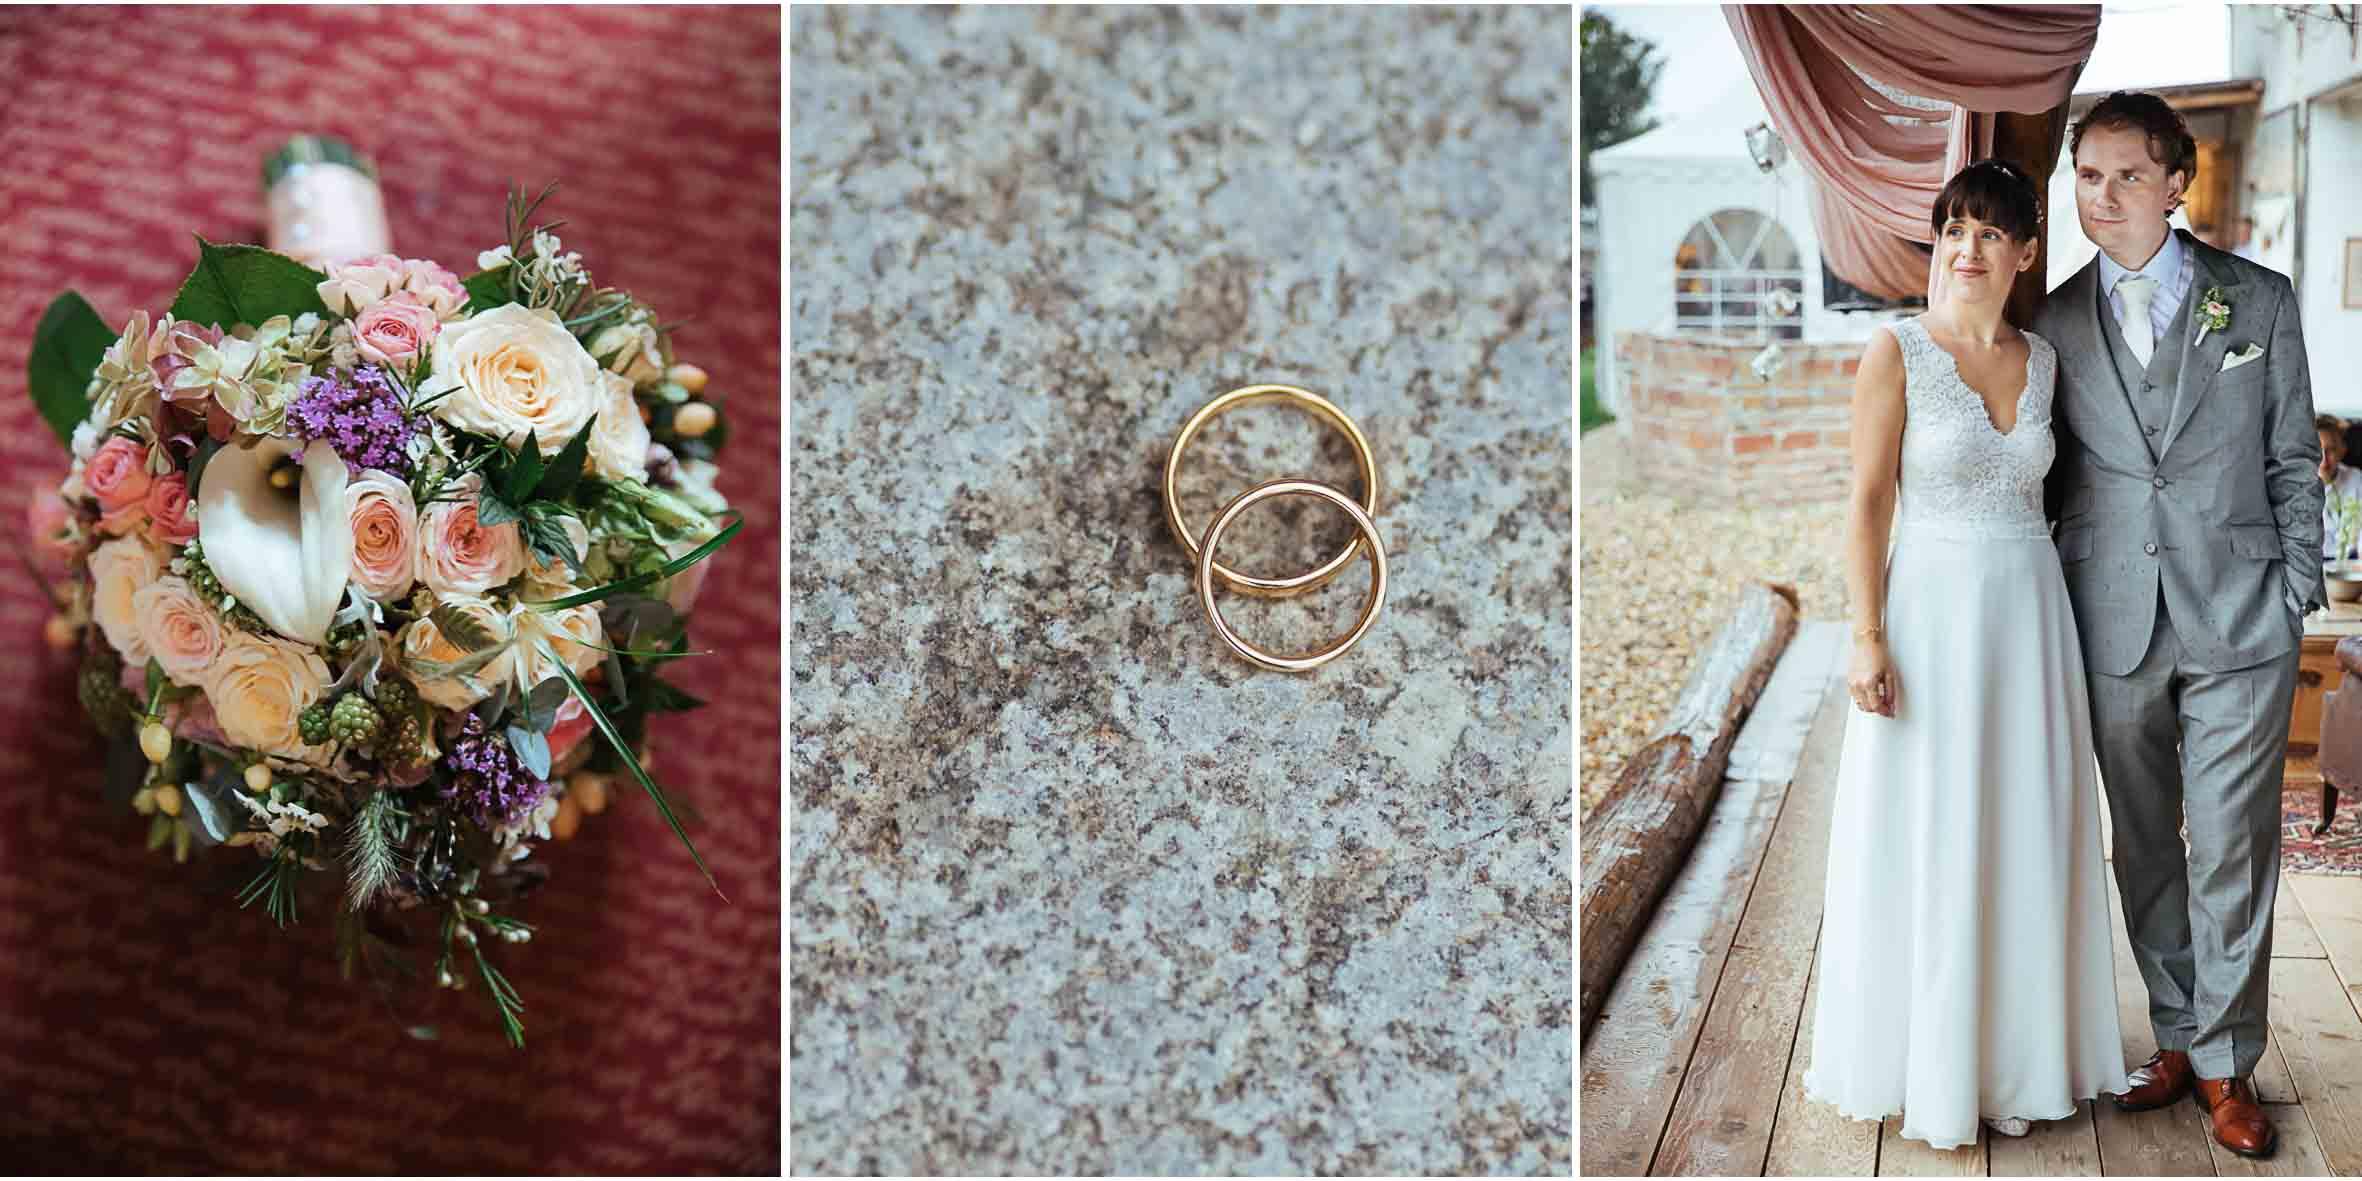 Hochzeitsfotografie-Stadtflucht-Bergmuehle-97